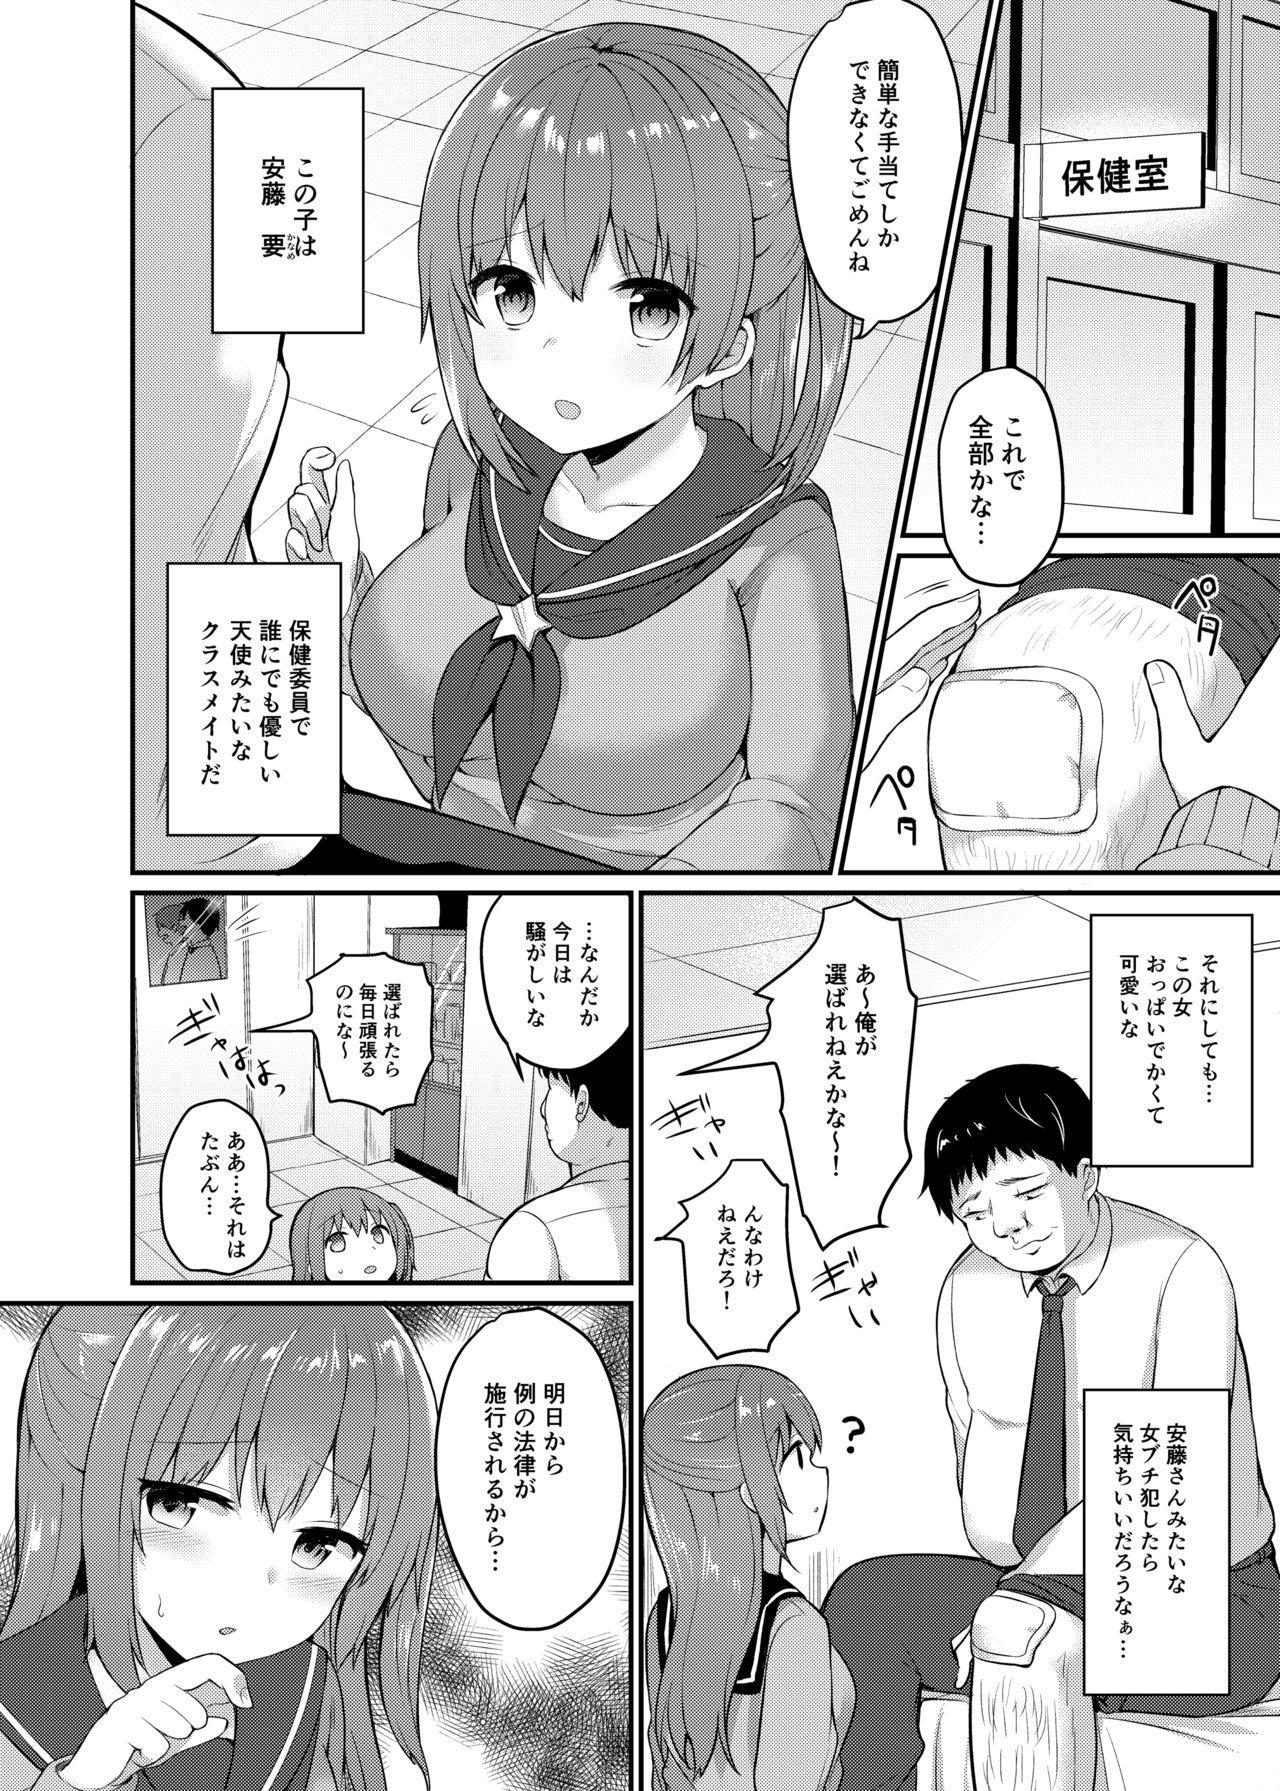 Boku no Tanetsuke Gakkou Seikatsu 5